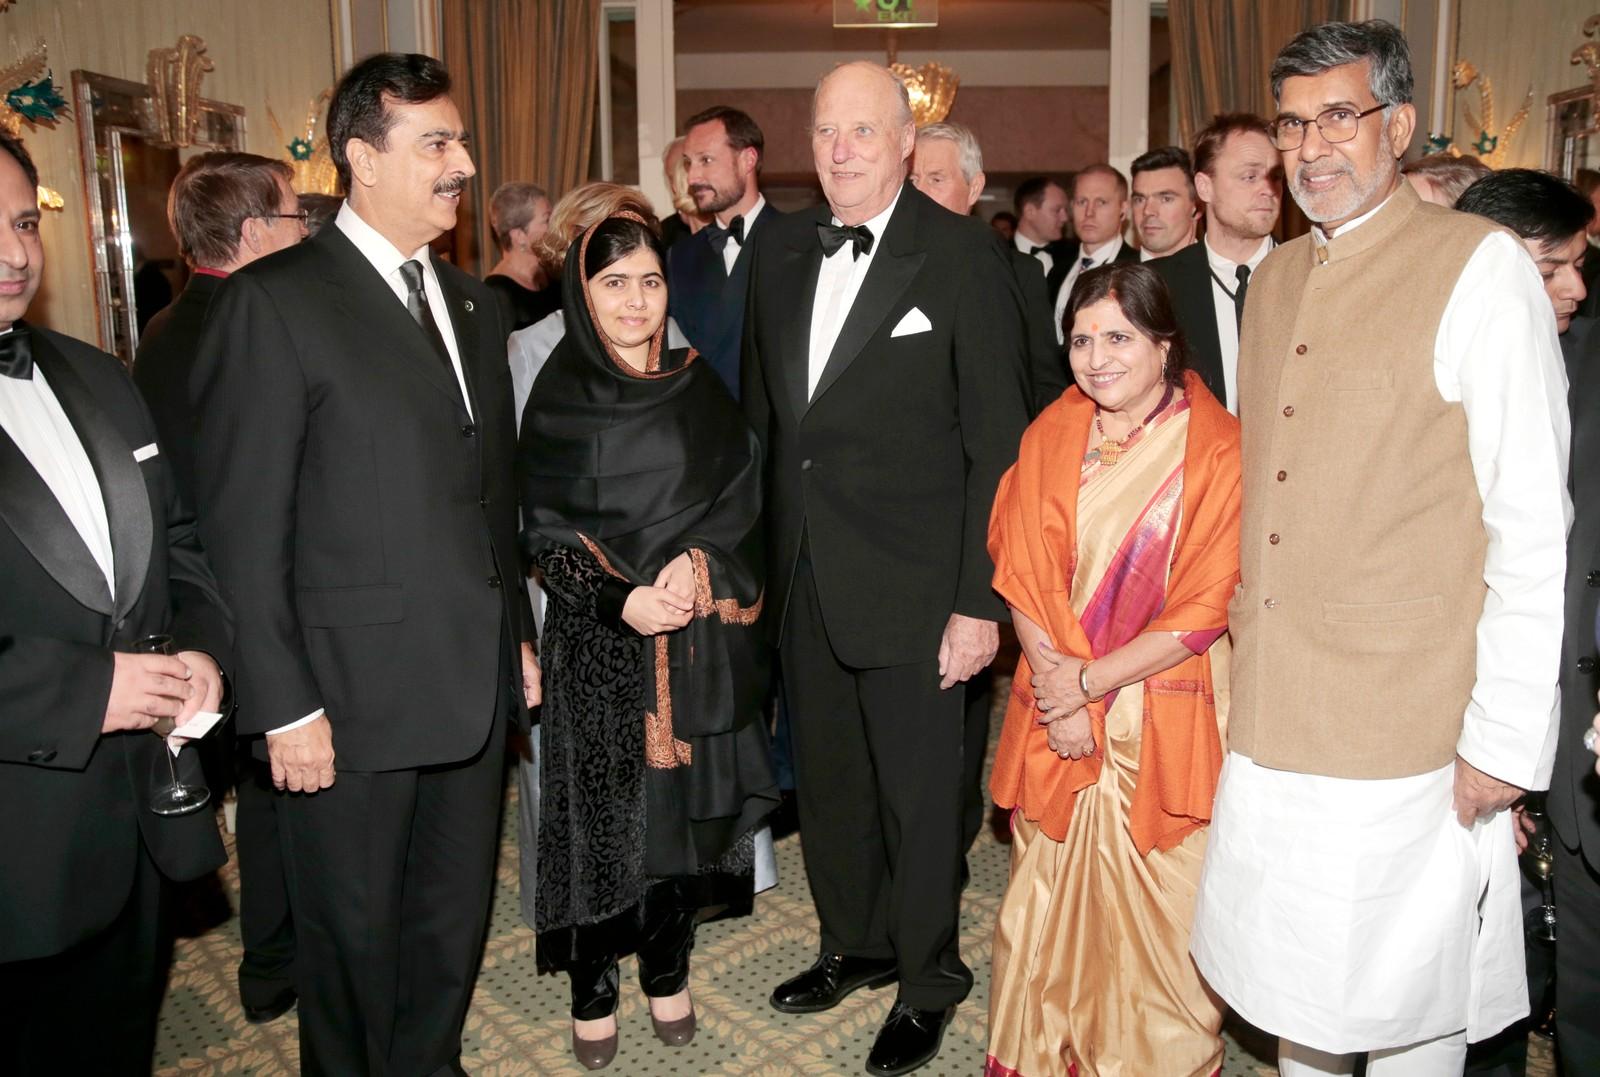 FESTMIDDAG: Fredsprisvinnerne sammen med (f.v.) Pakistans tidligere statsminister Yousaf Raza Gilani, kong Harald og Kailash Satyarthis kone Sumedha.